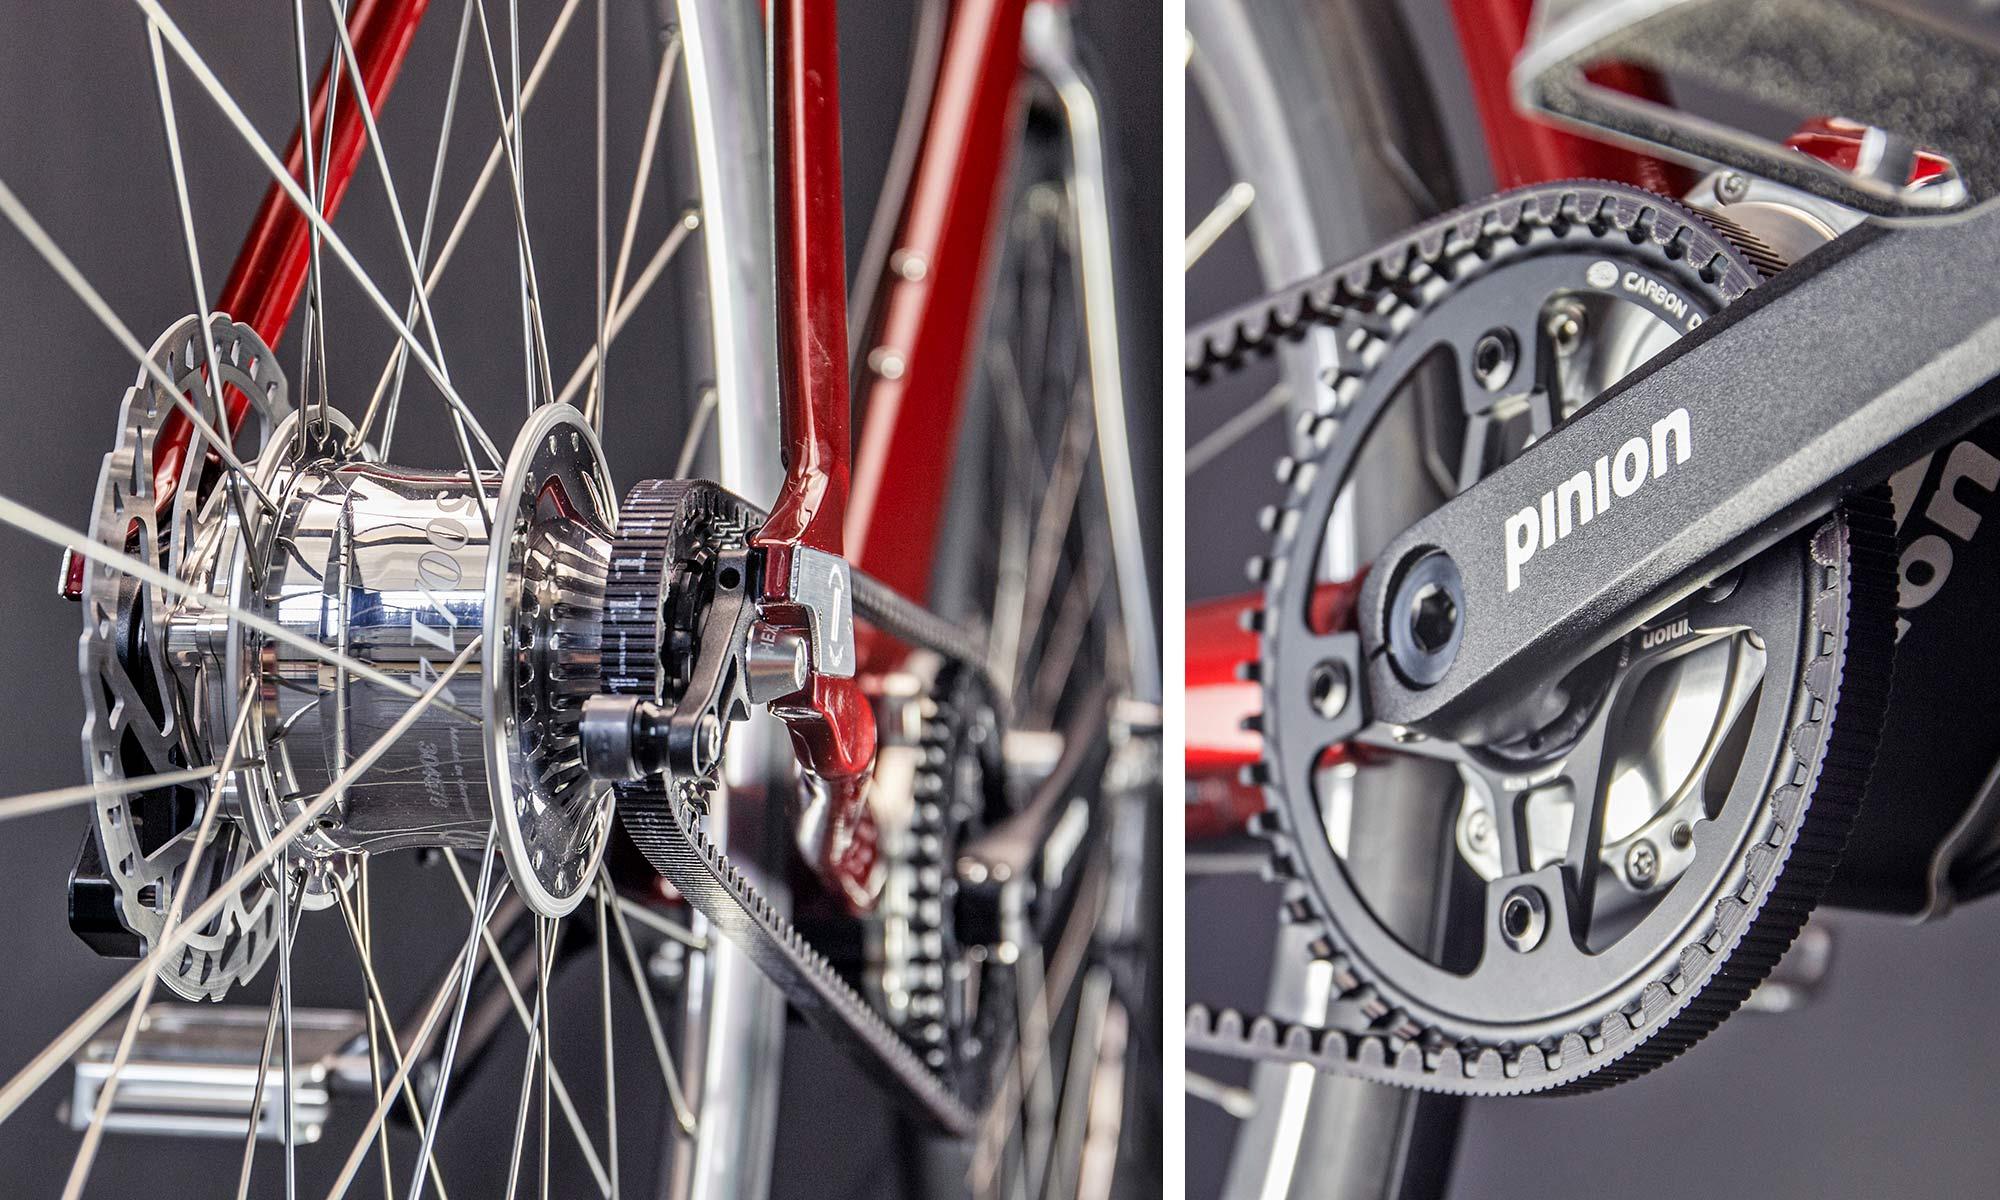 Schindelhauer Wilhelm CCLII 252-speed urban commuter bike, Rohloff + Pinion